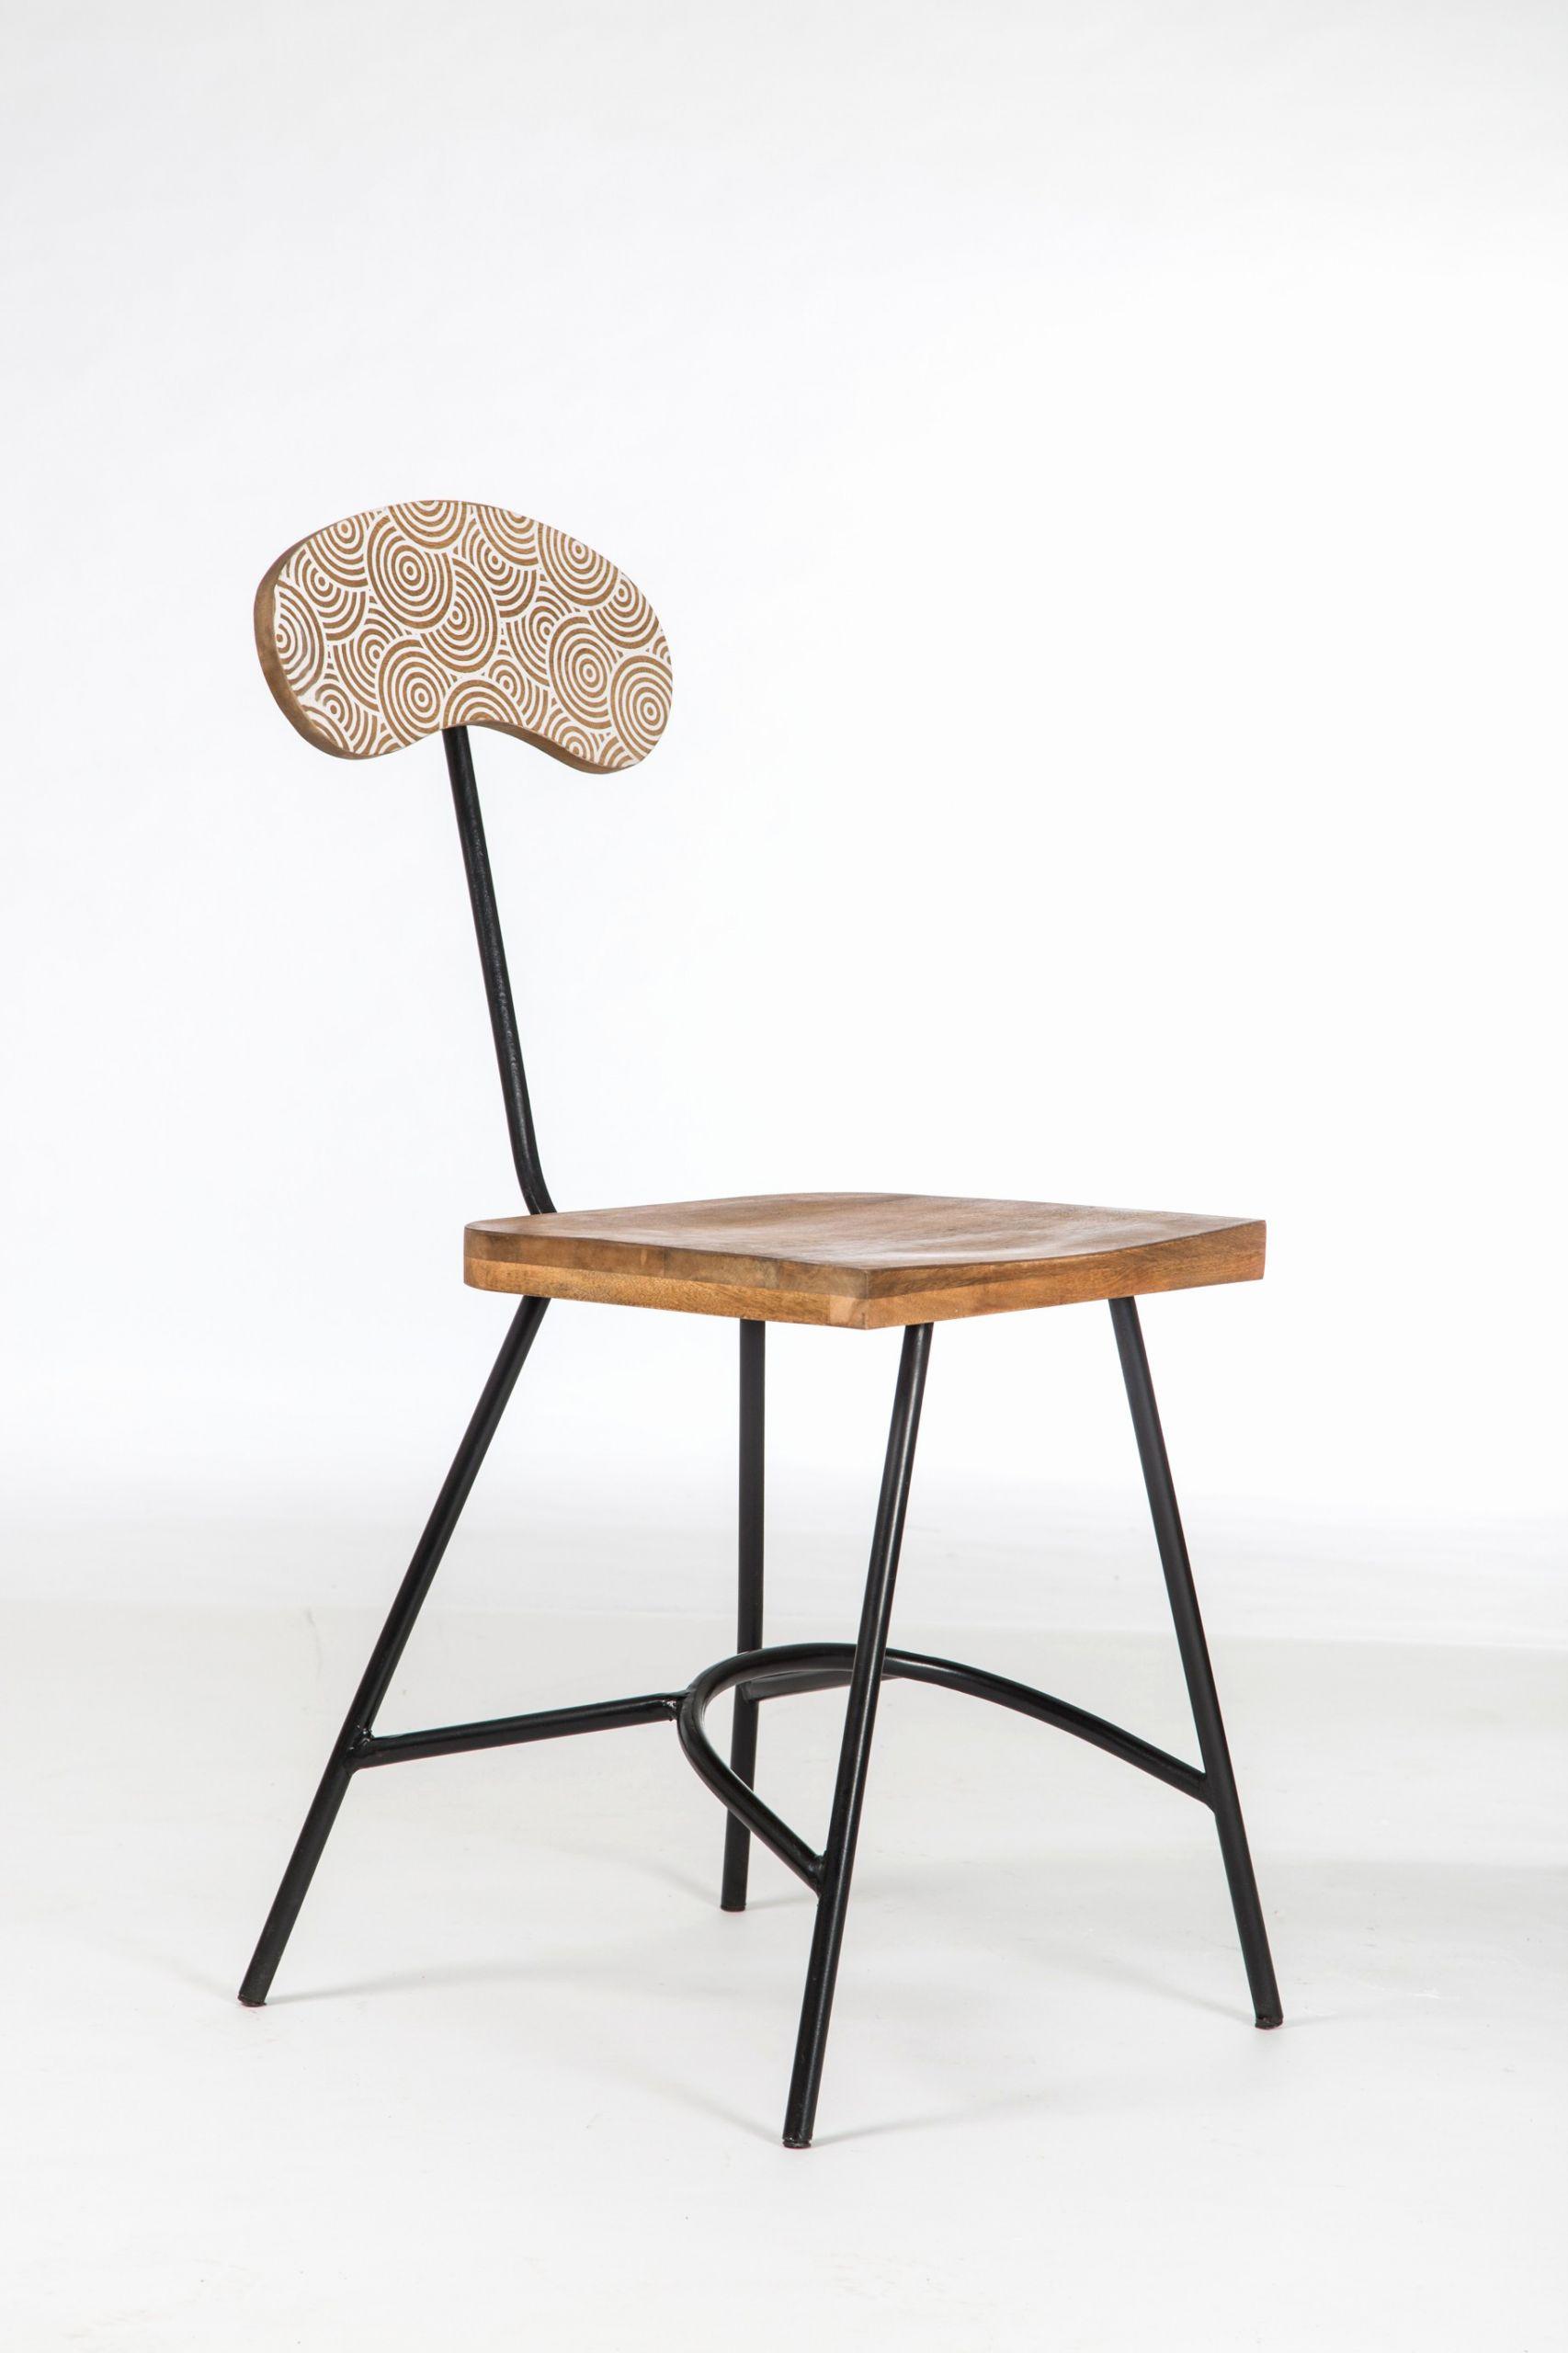 meuble bois et fer charmant meuble table basse pied de table basse meuble ipn 0d of meuble bois et fer